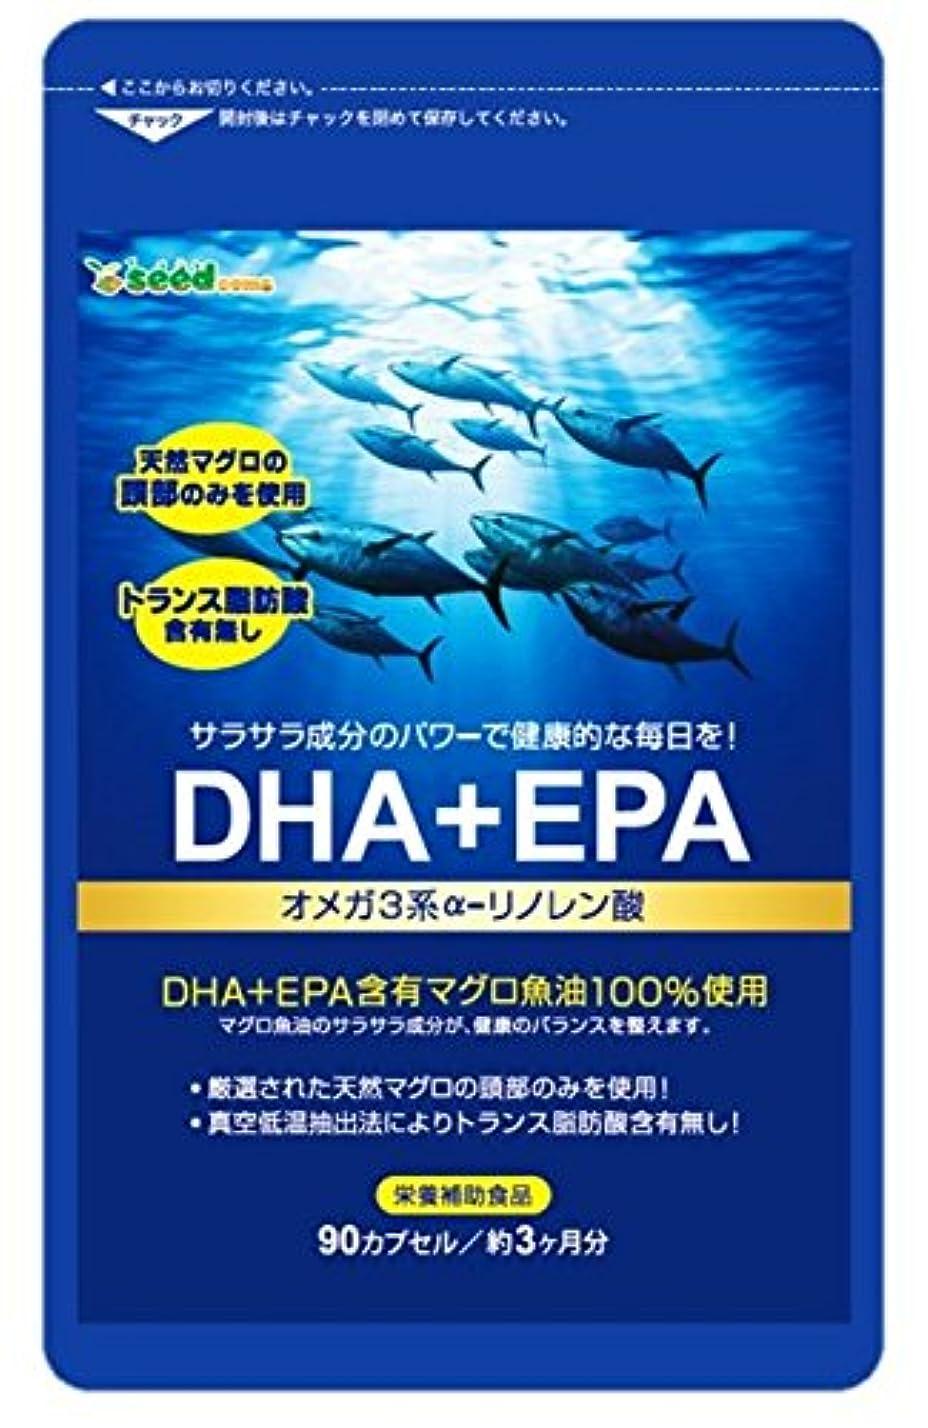 【 seedcoms シードコムス 公式 】DHA + EPA 約3ヶ月分/90粒 (オメガ系 α-リノレン酸) ビンチョウマグロの頭部のみを贅沢に使用!トランス脂肪酸 0mg